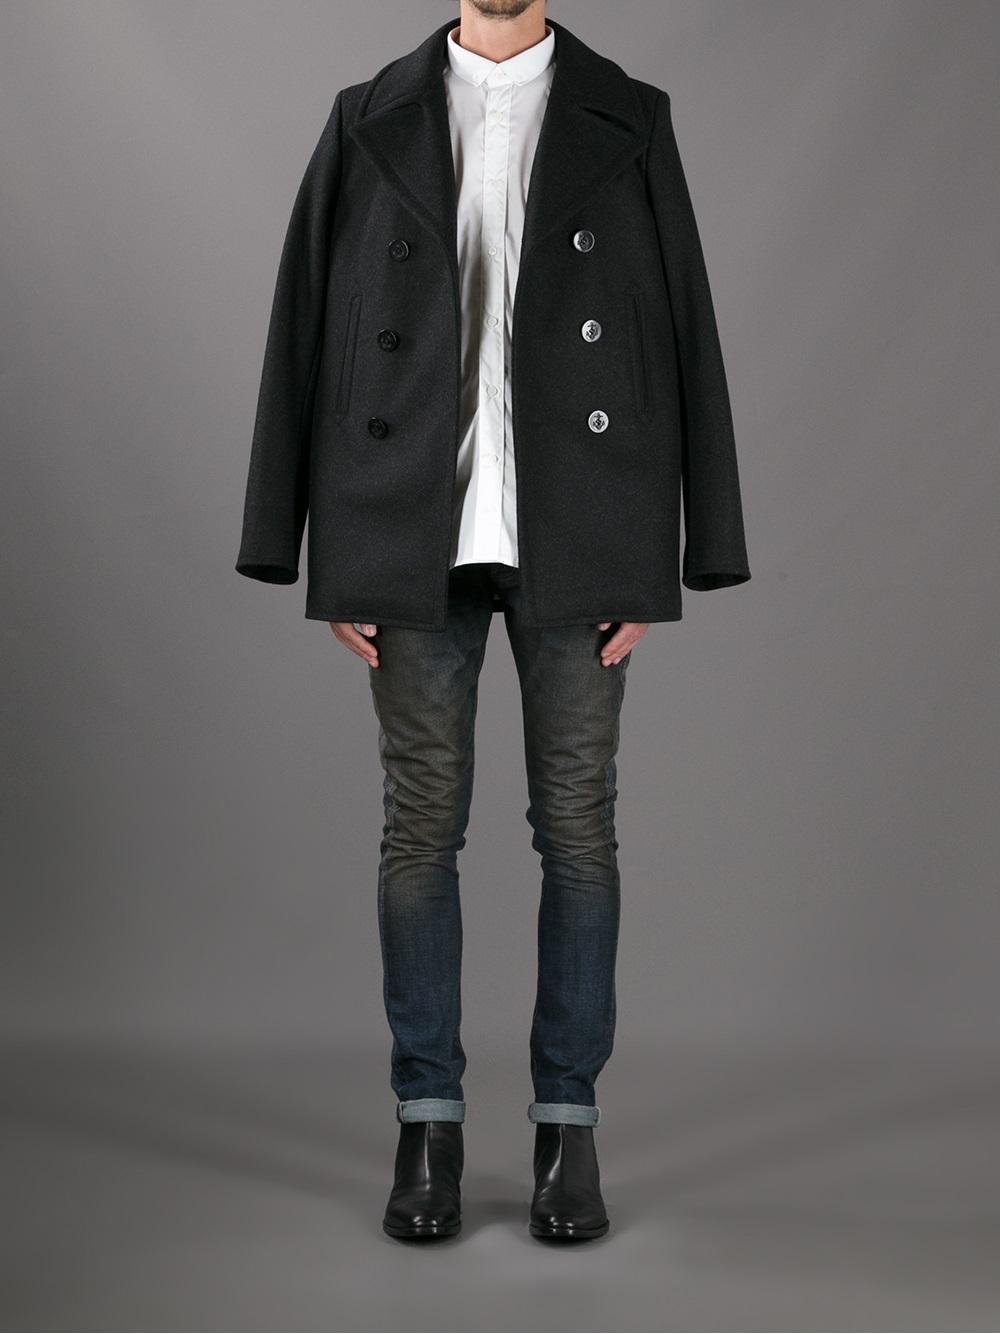 5d836944e09 Saint Laurent Classic Pea Coat in Black for Men - Lyst